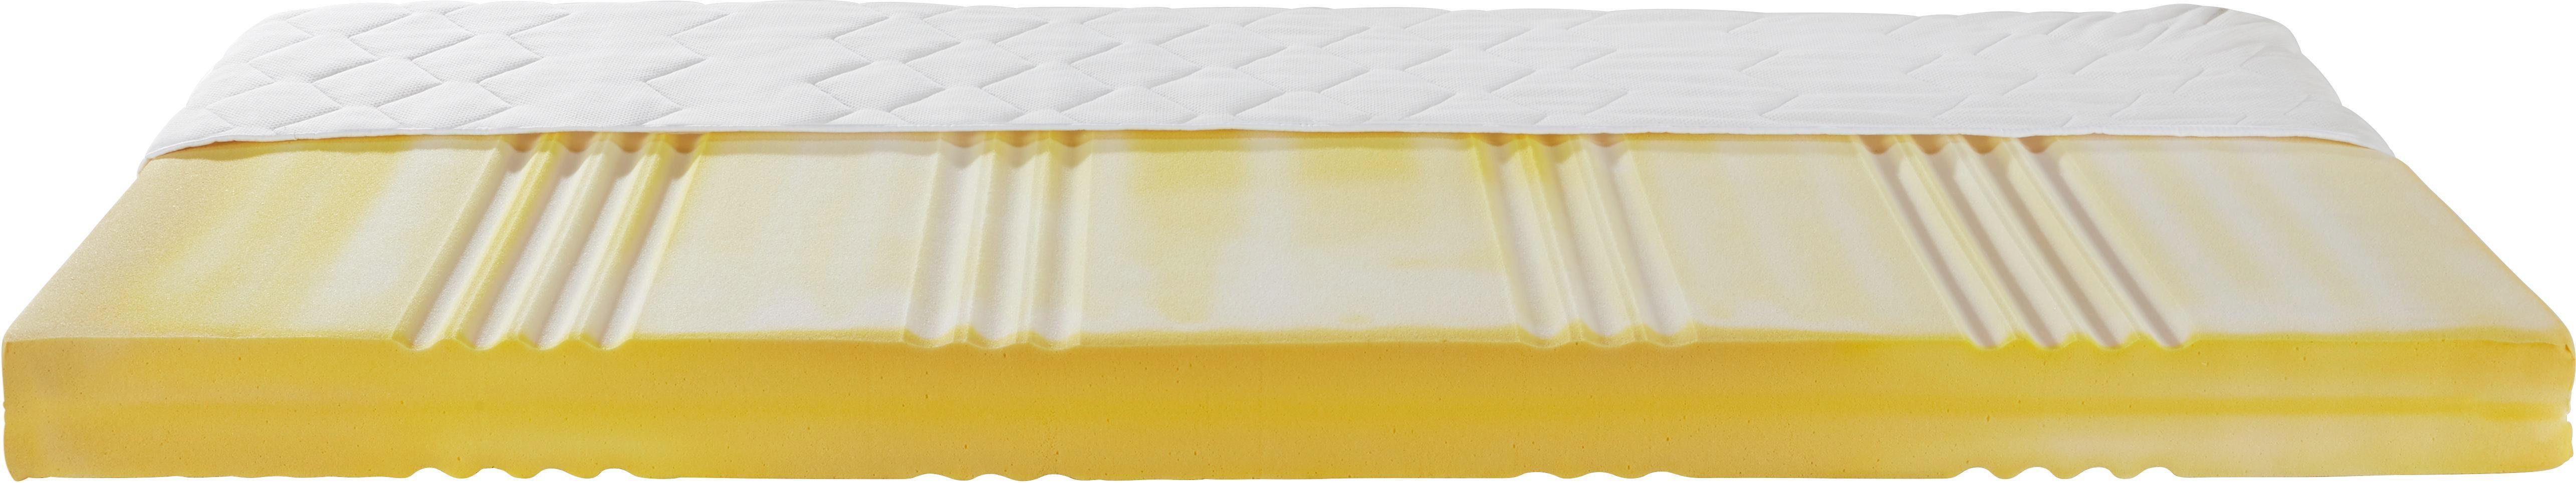 Kaltschaummatratze ca. 90x190cm - Textil (190/90/14cm) - NADANA